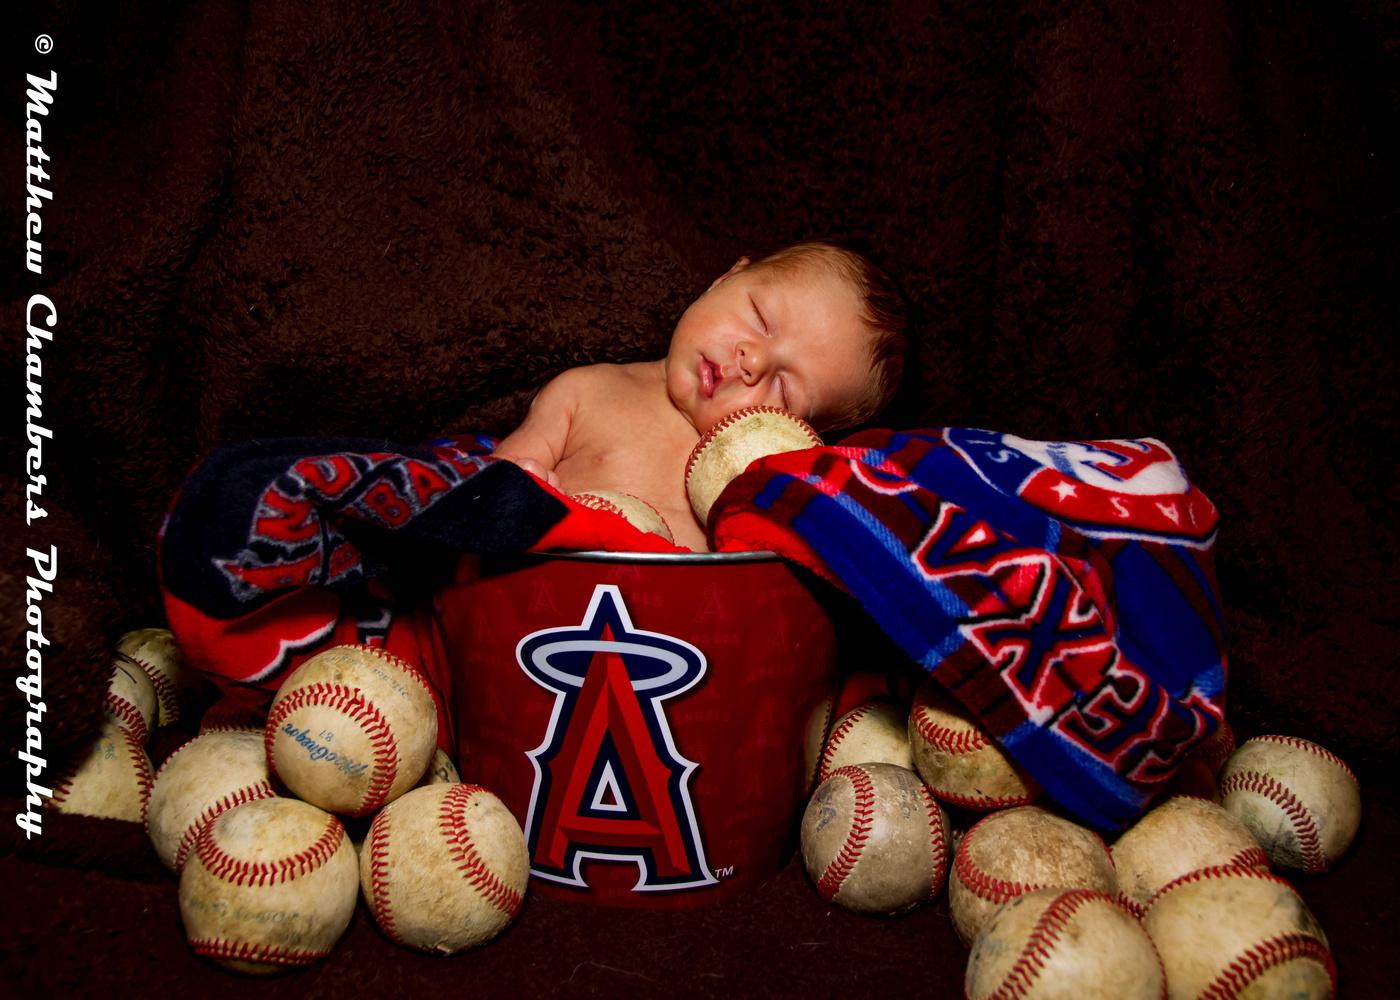 Baseball Baby by Matthew Chambers